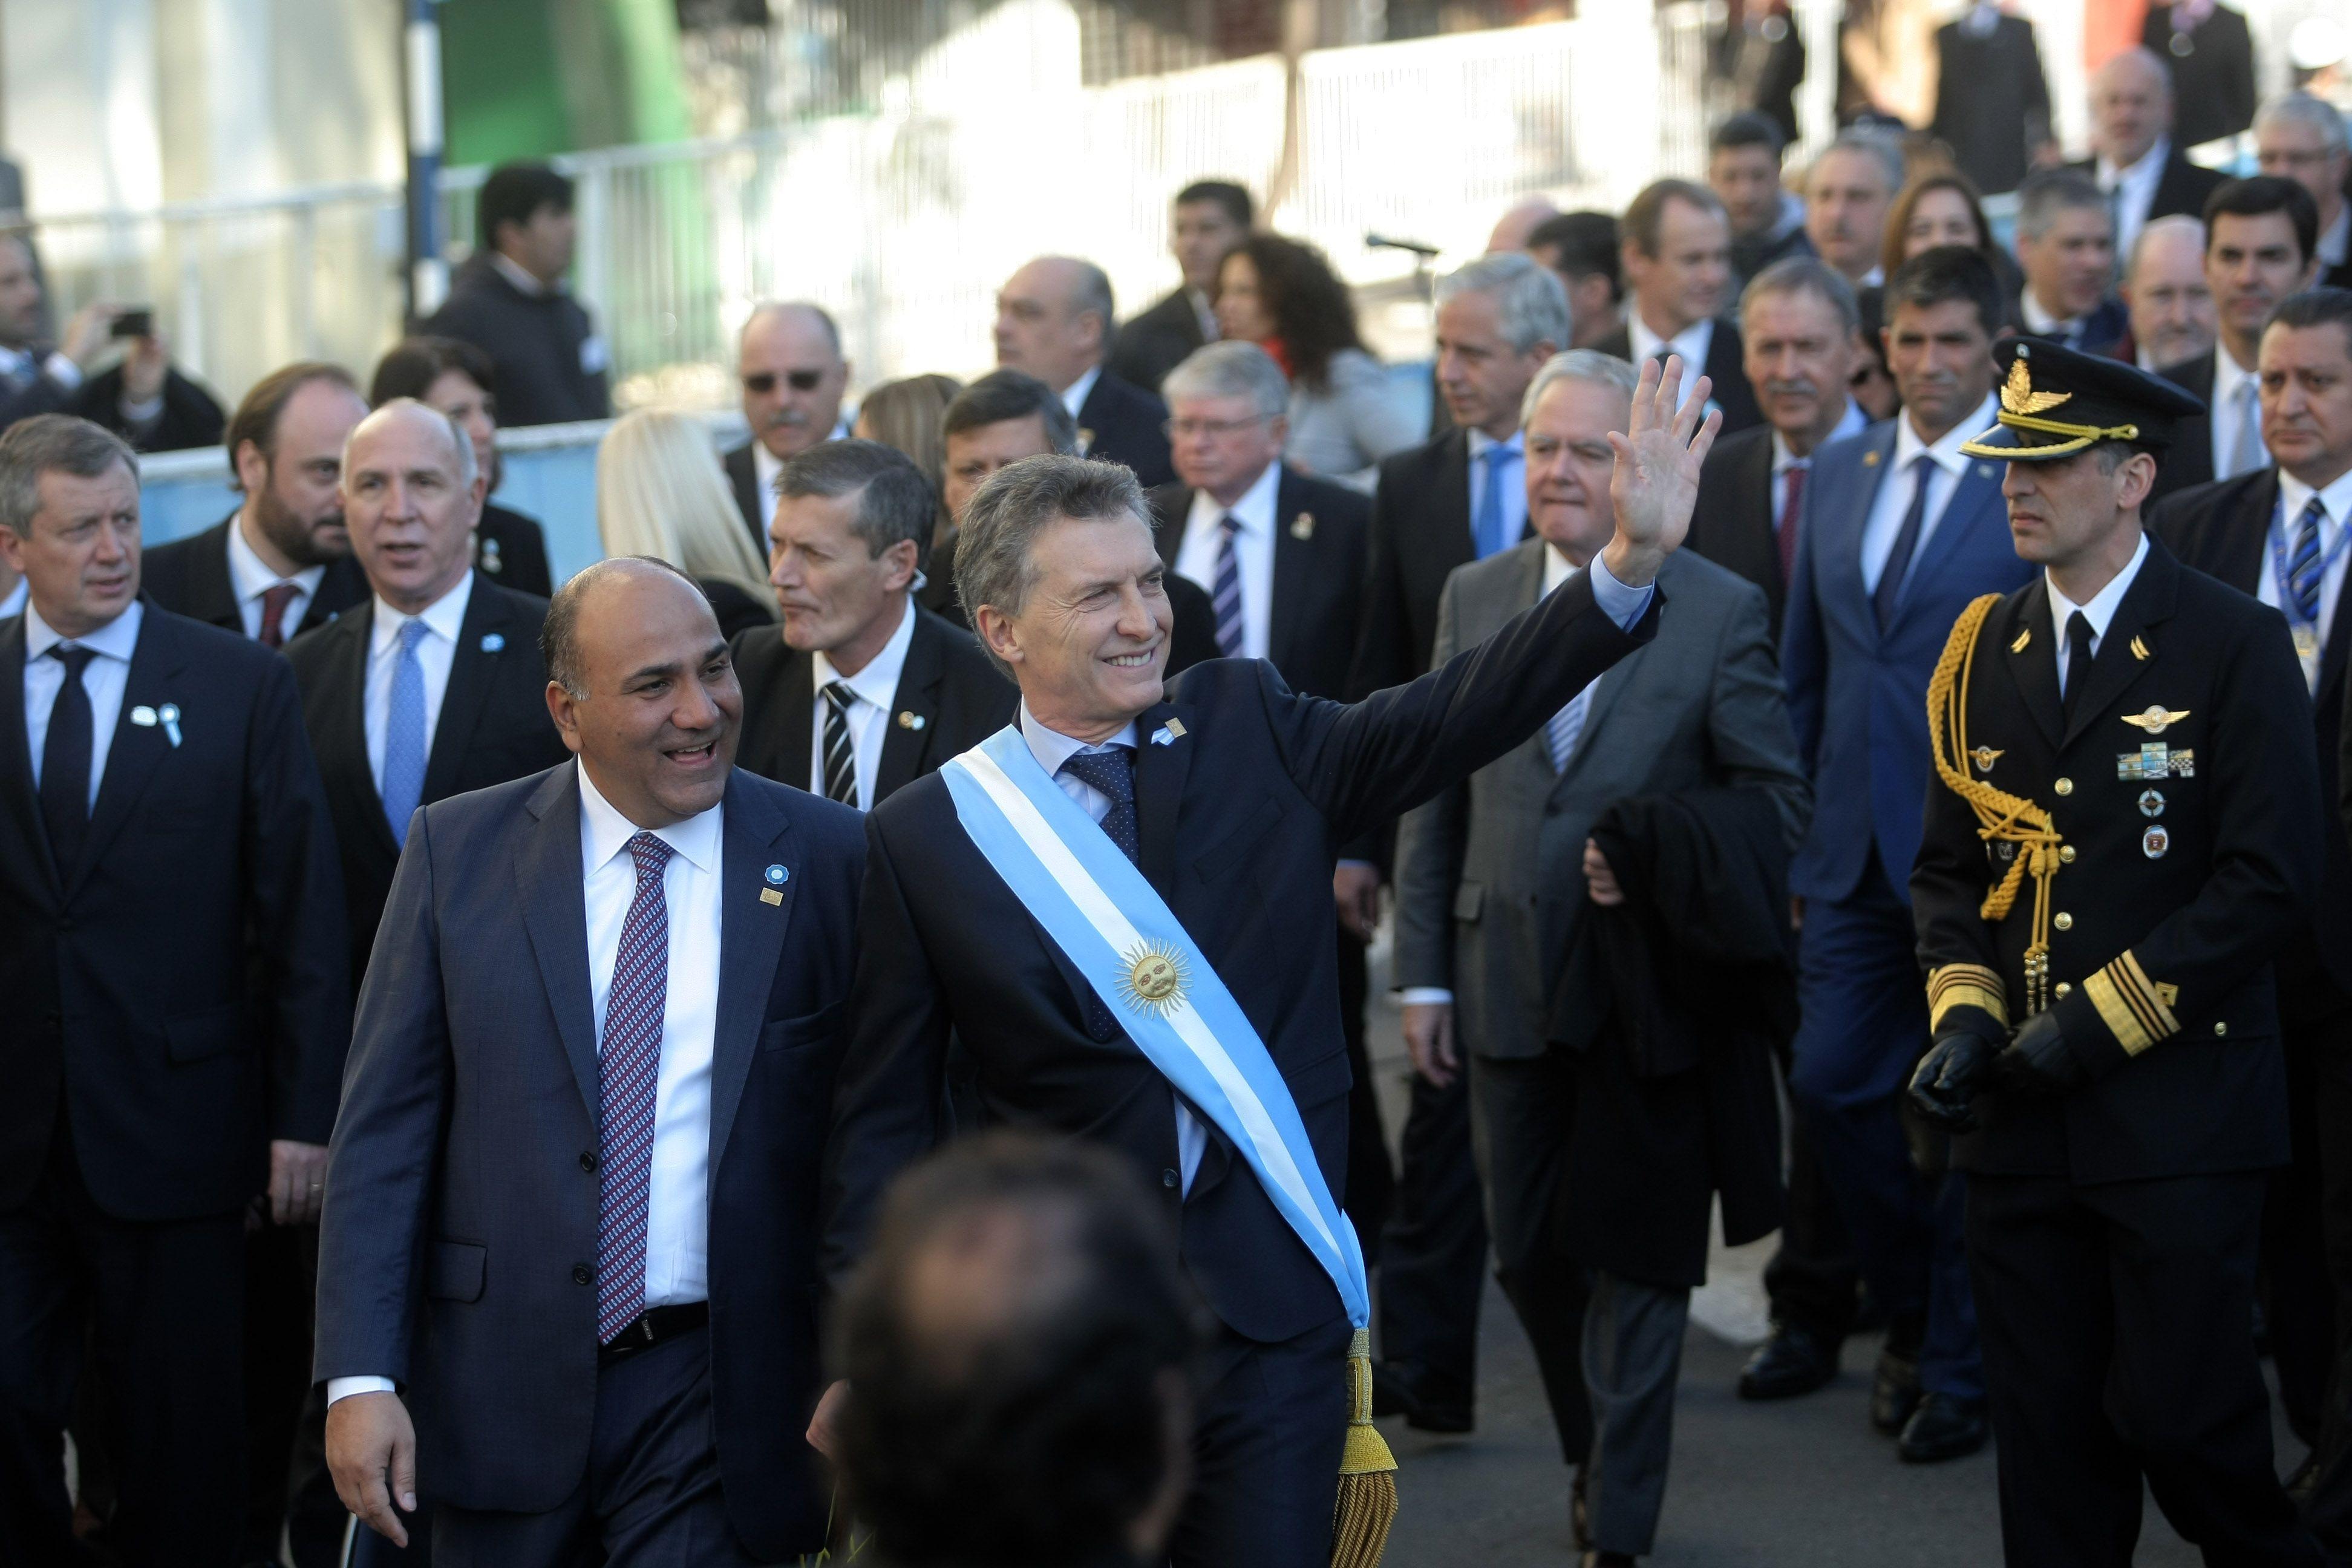 La excusa de Macri: no asiste a los desfiles militares porque está cansado